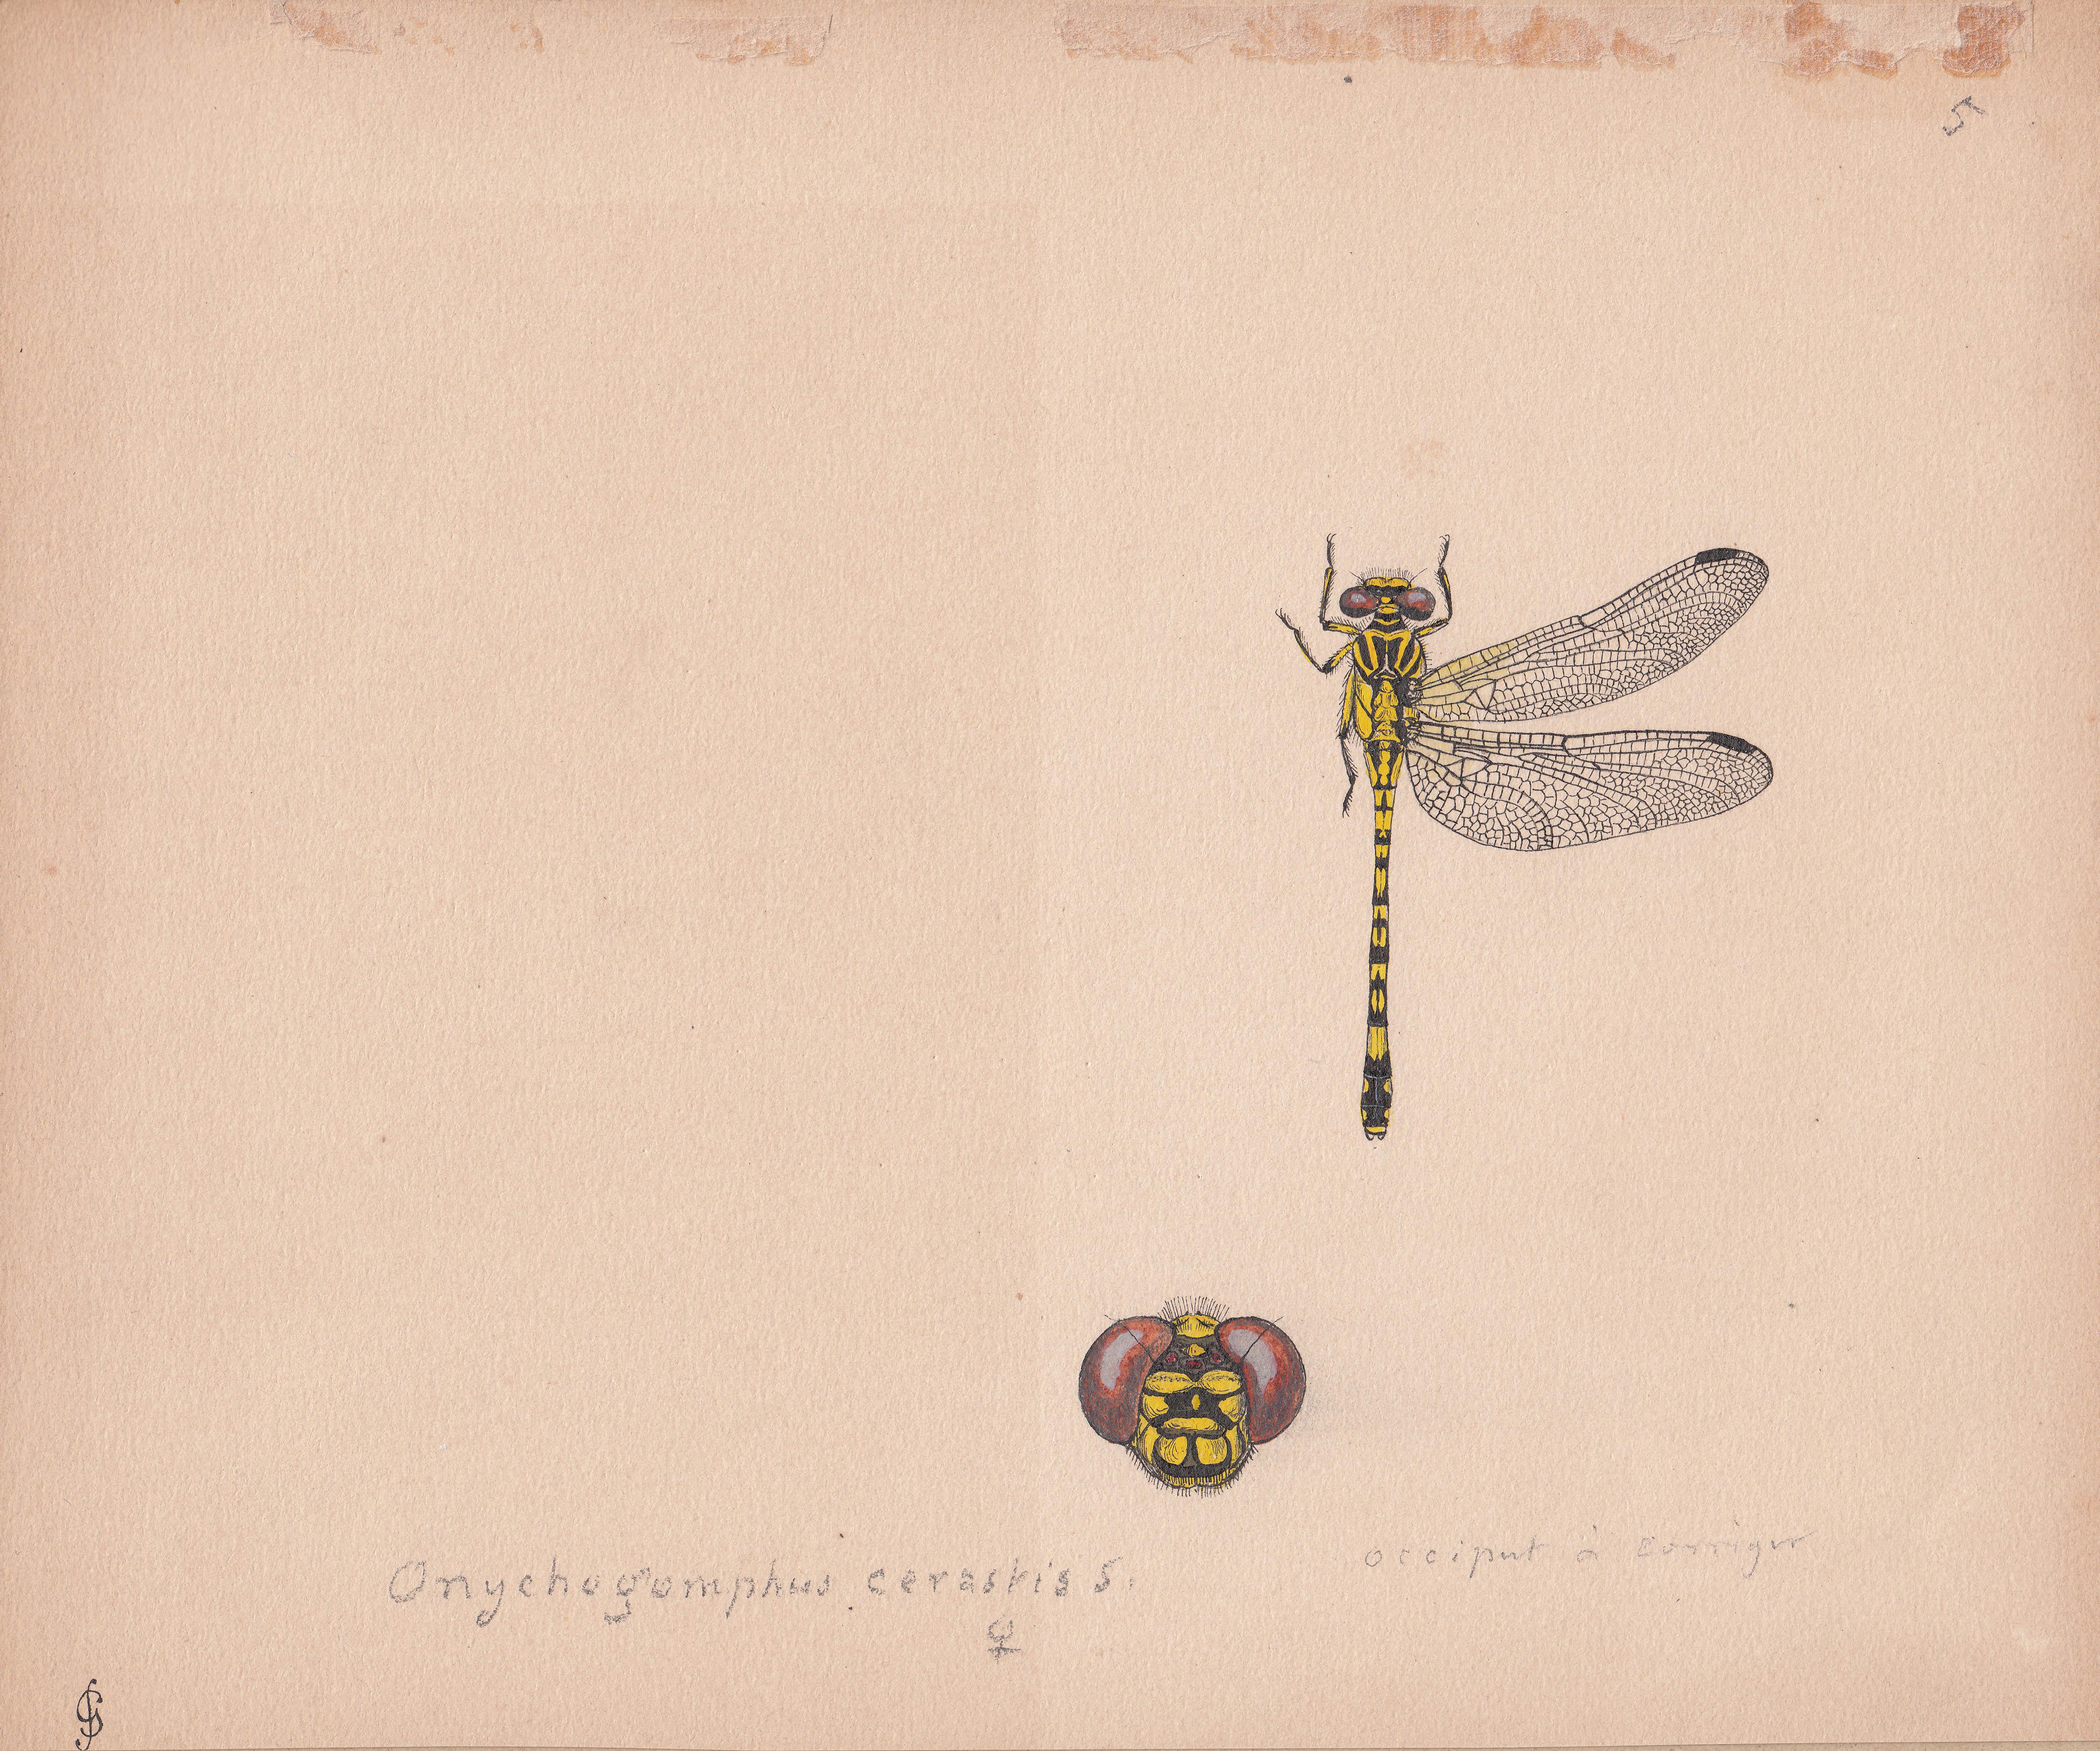 Onychogomphus cerastis.jpg